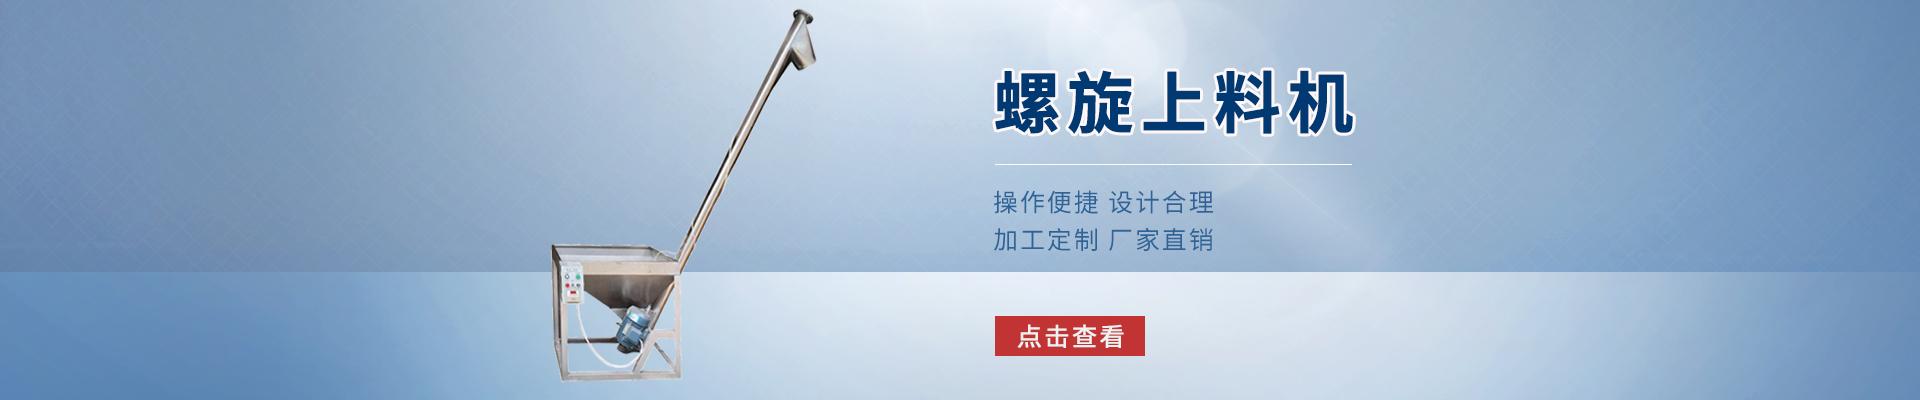 张家港恒锐太机械制造有限公司